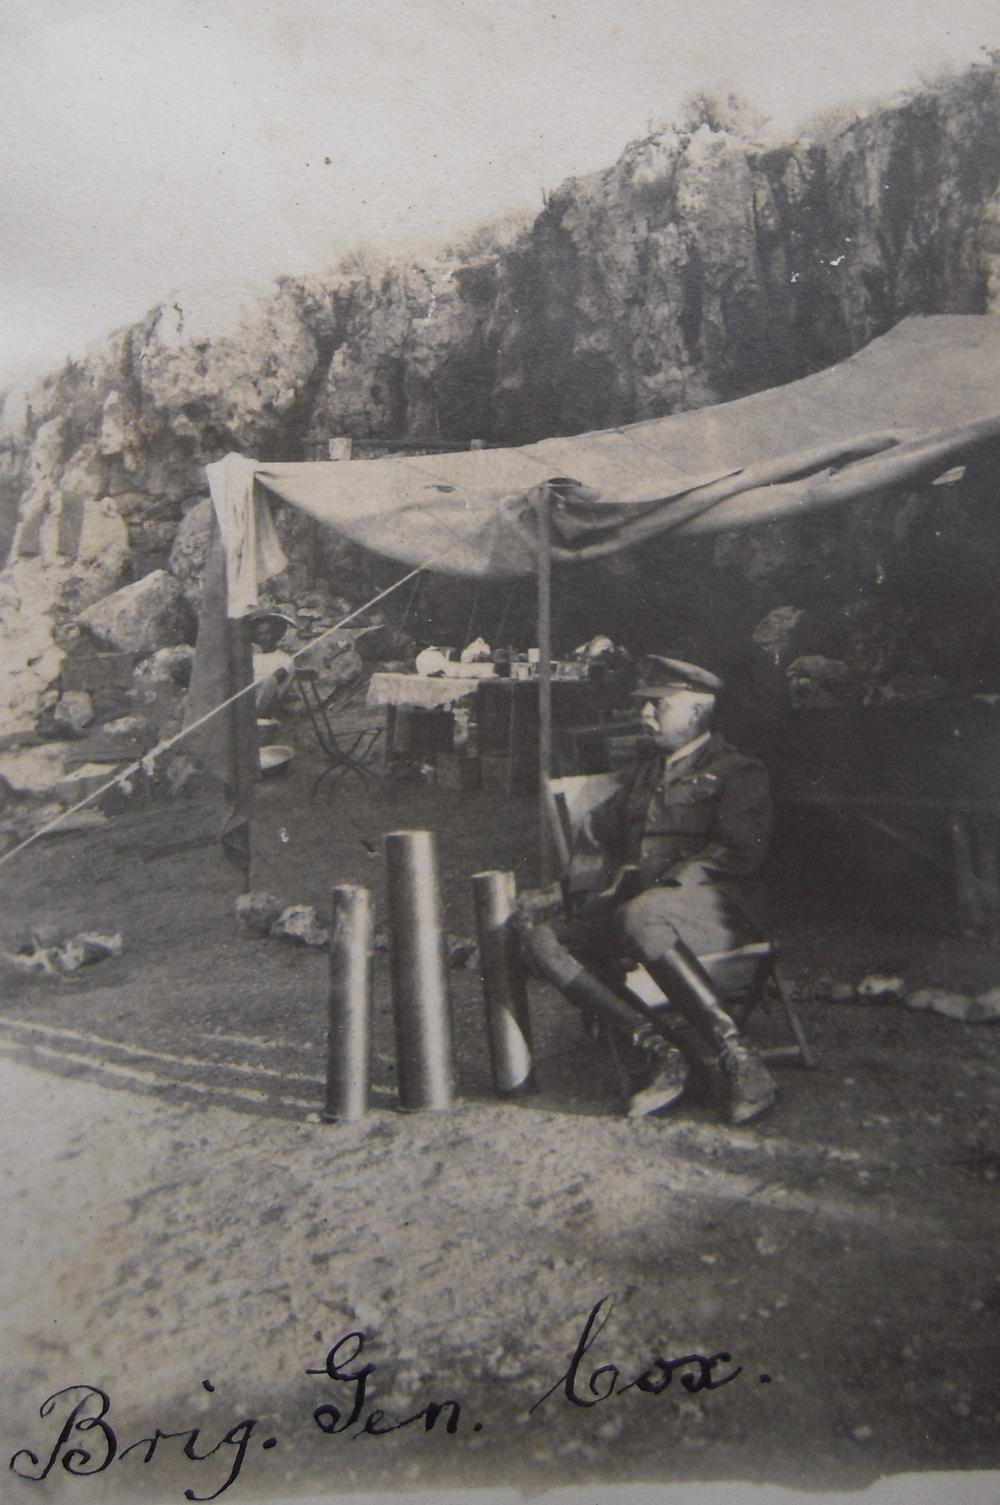 Brigadier General Cox